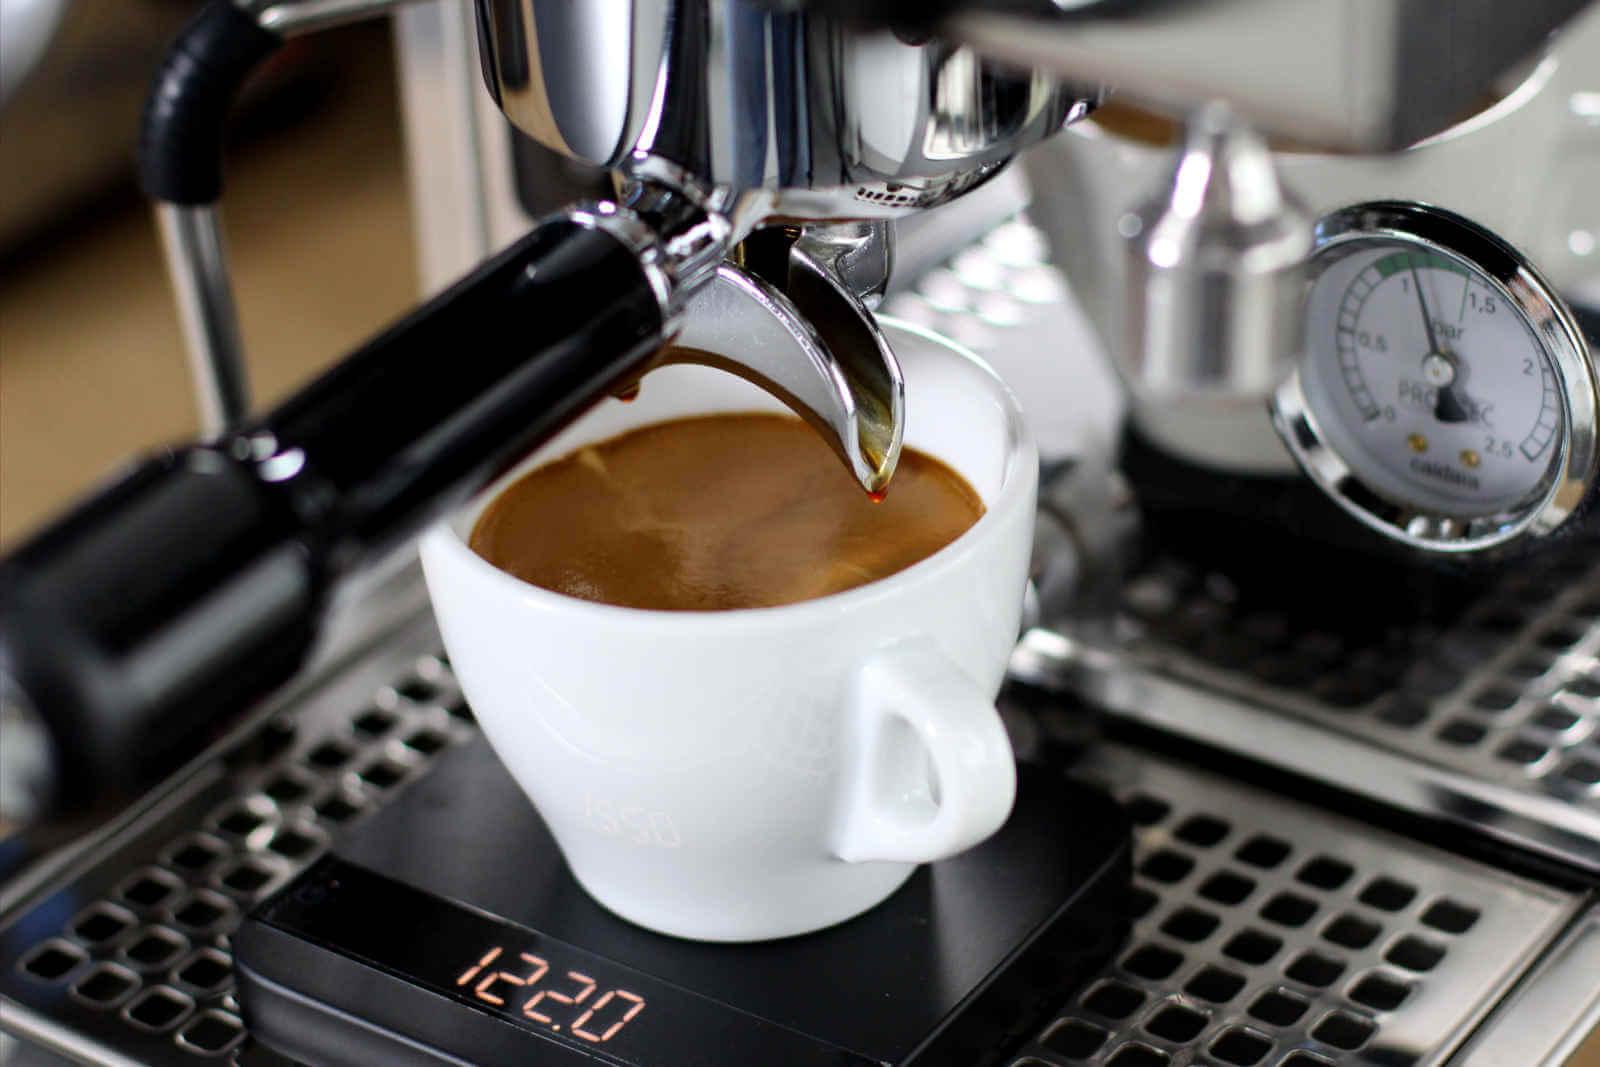 Café Americano là gì? Cách pha chế một cốc Café Americano chuẩn Barista  chuyên nghiệp